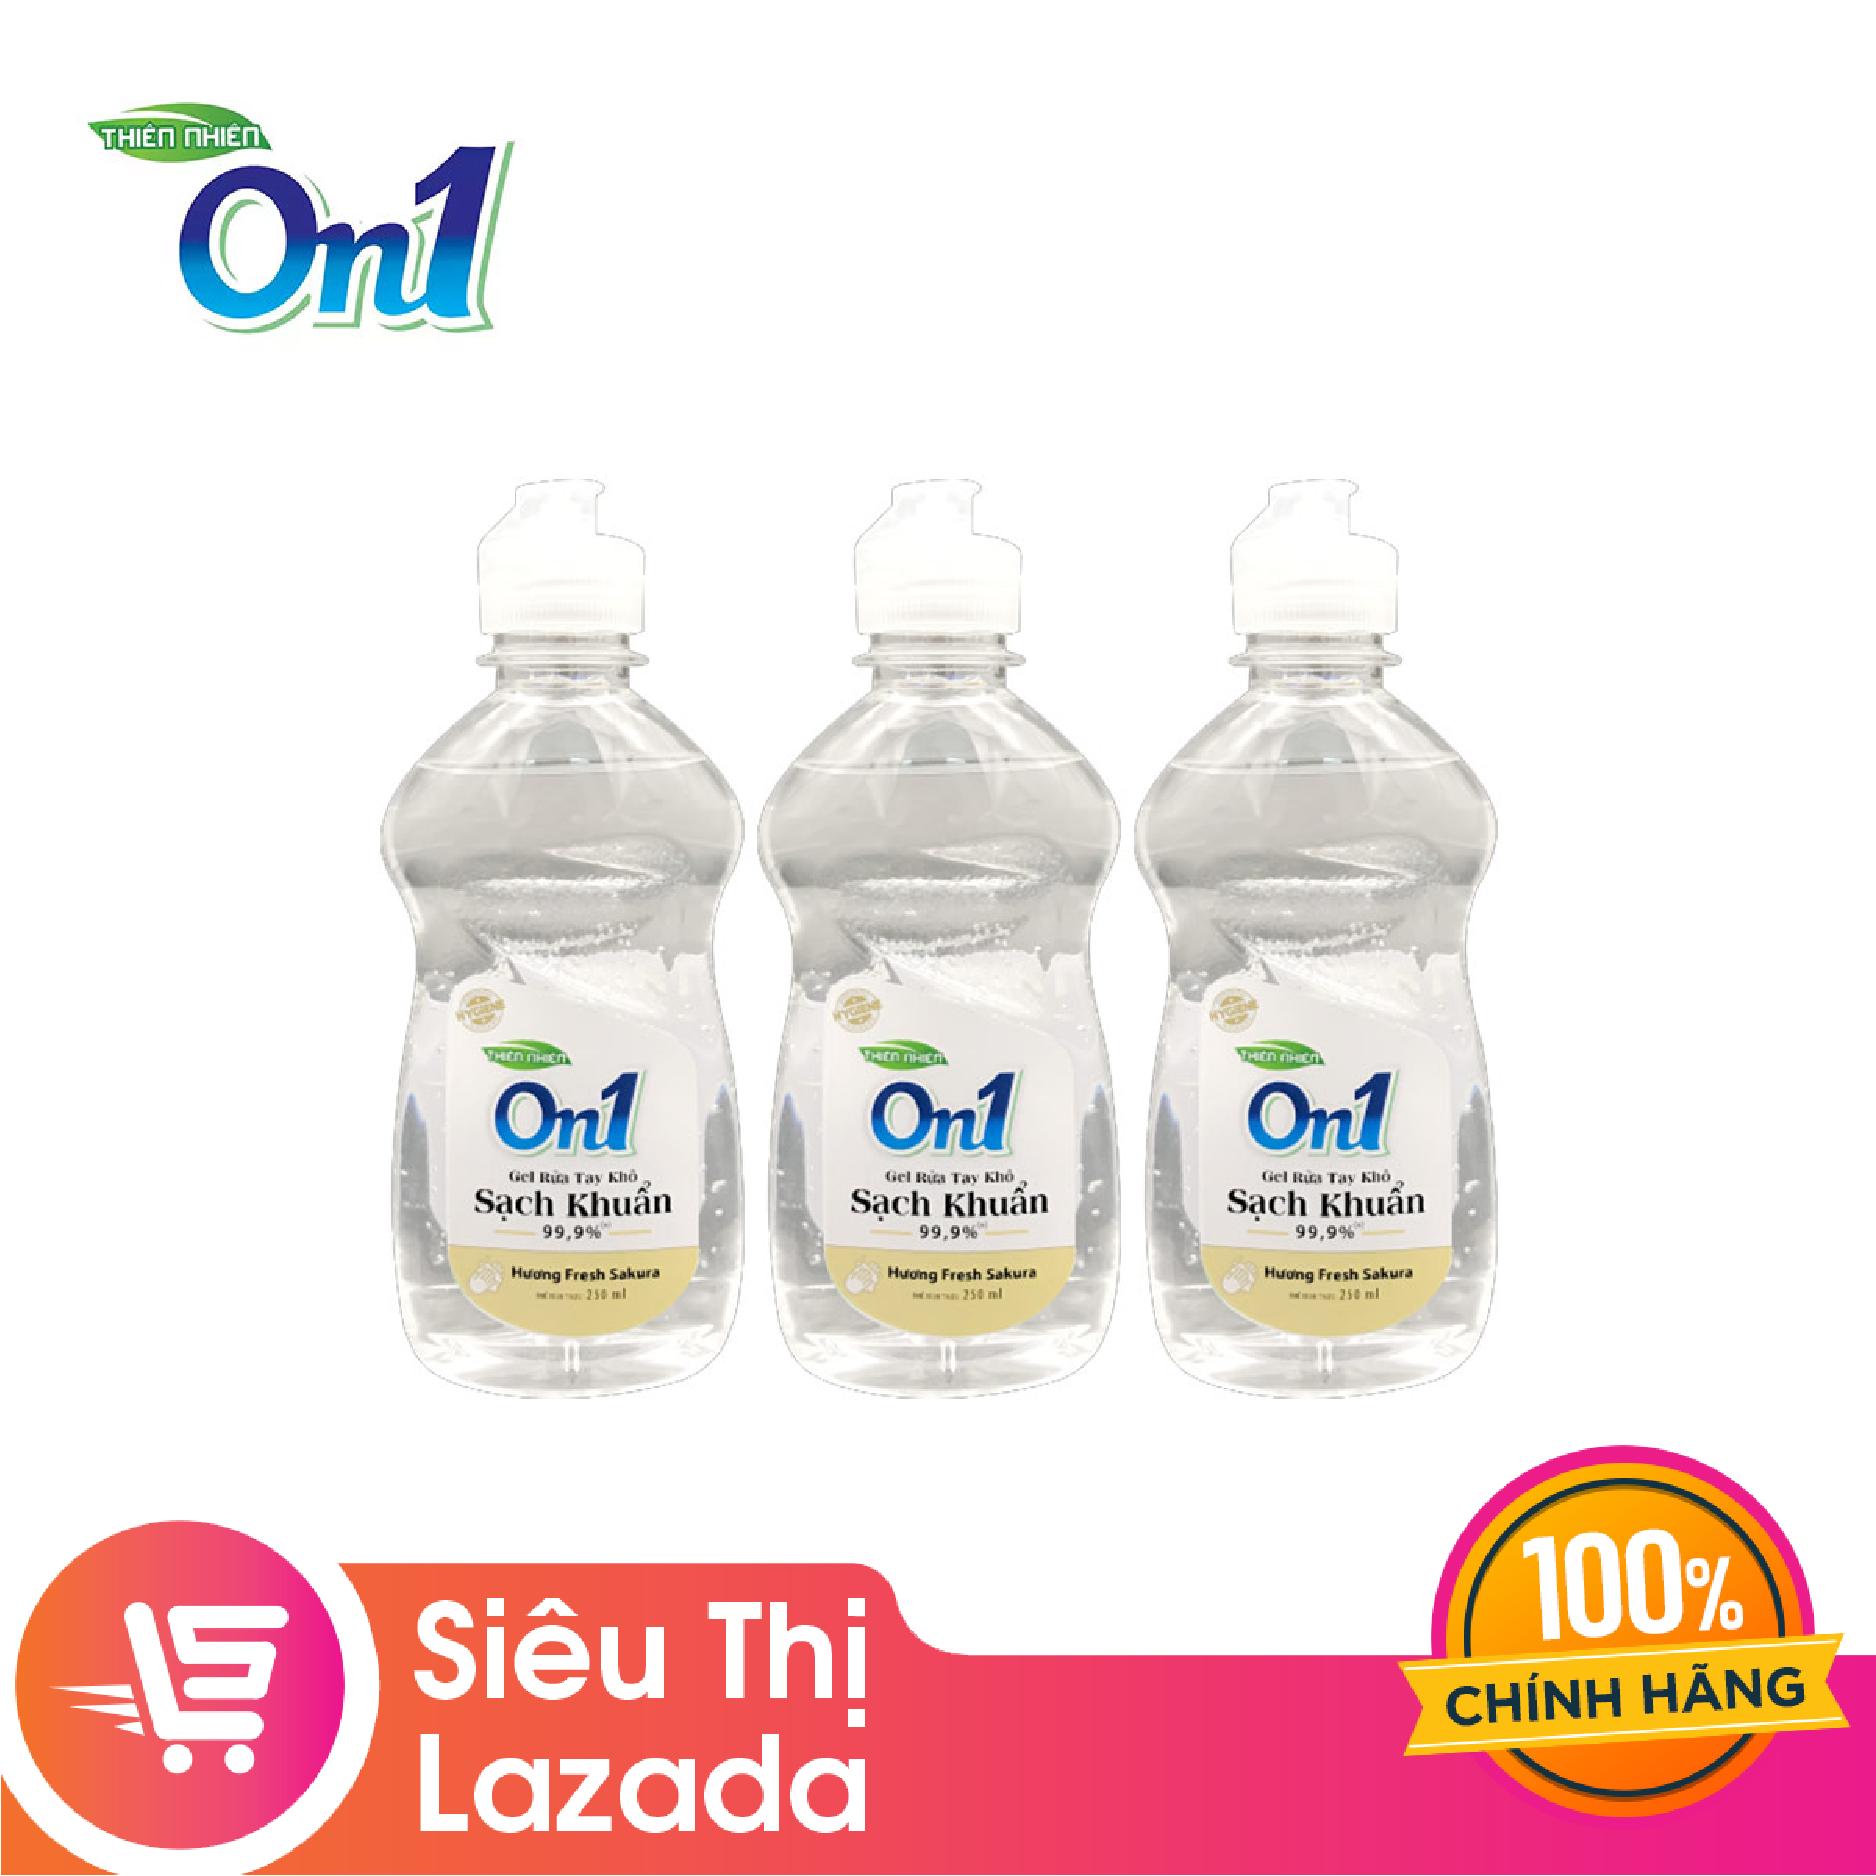 [Siêu thị Lazada] Combo 3 chai gel rửa tay khô ON1 hương Fresh Sakura 250ml, Khả năng diệt khuẩn cao, làm sạch vết bẩn tối đa